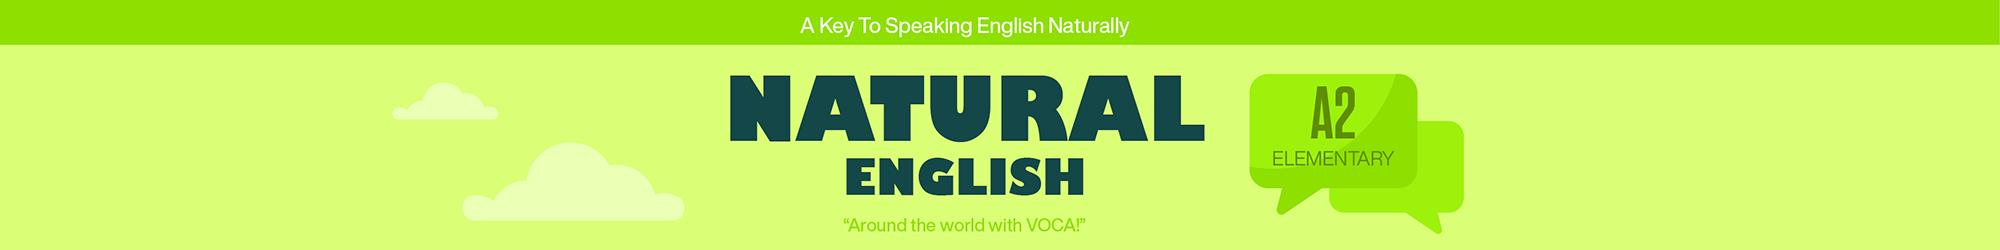 NATURAL ENGLISH A2 banner